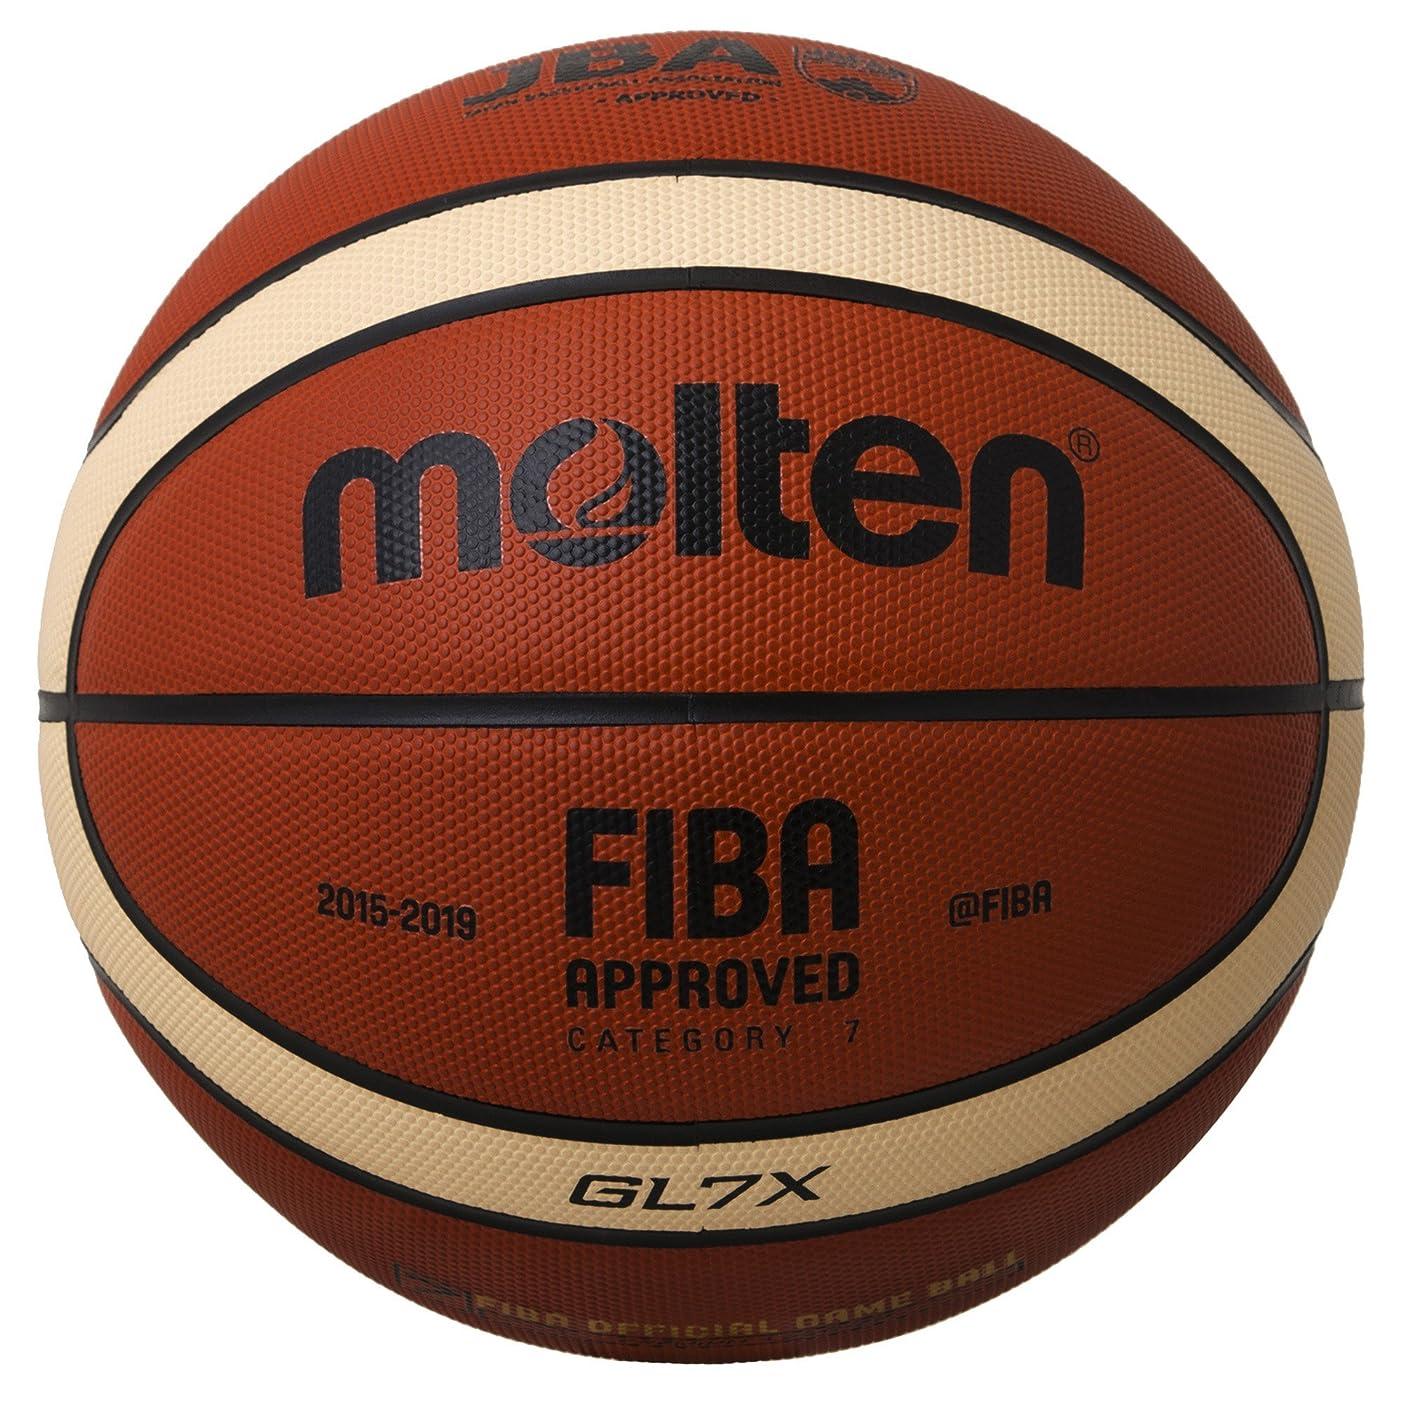 縫い目因子マラドロイトmolten(モルテン) バスケットボール  GL7X BGL7X オレンジ×アイボリー 7号球